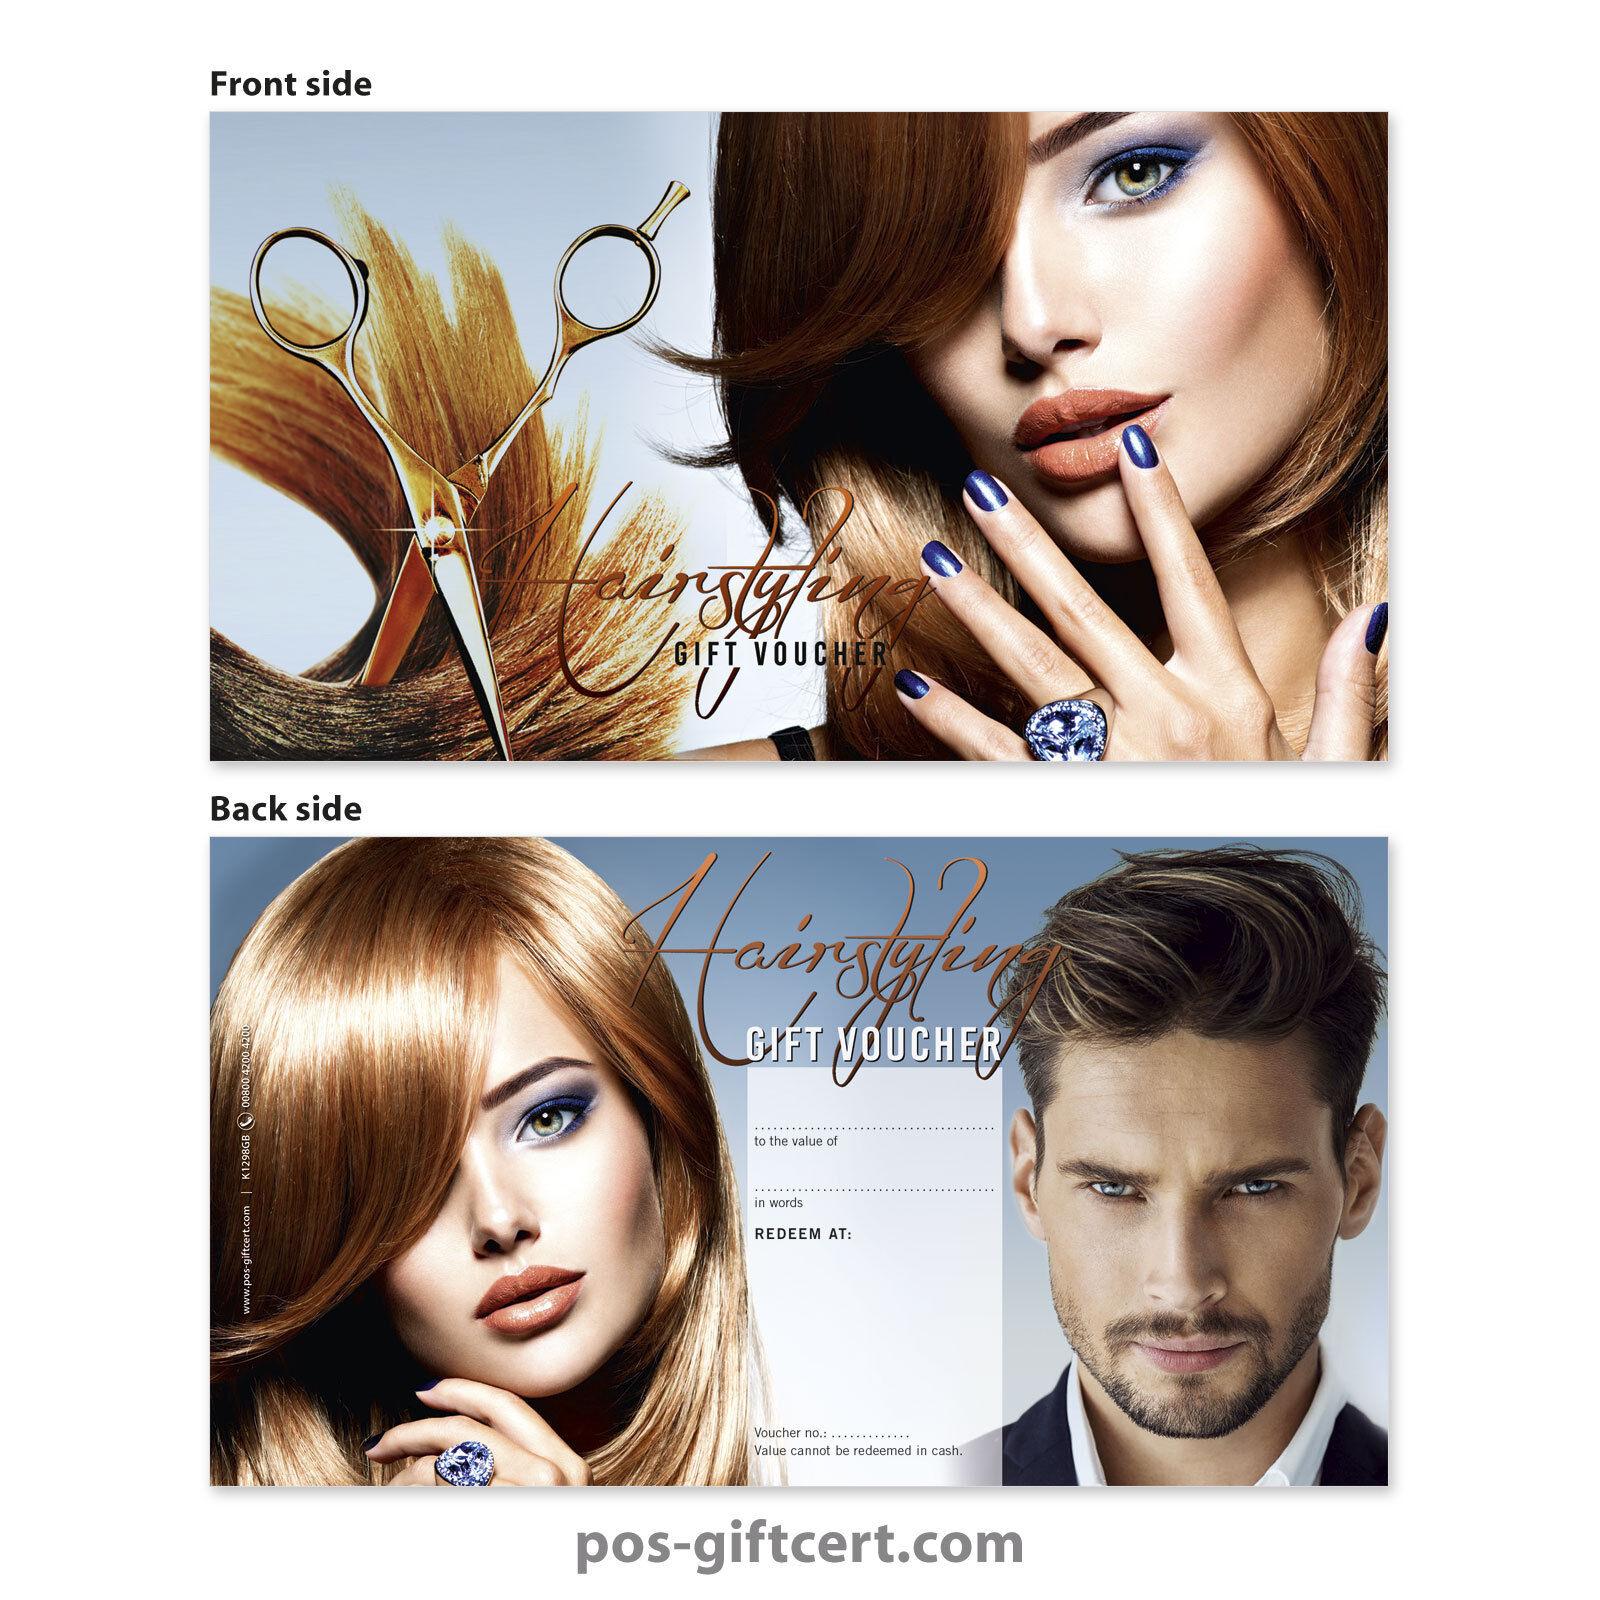 Gift vouchers  envelopes  pull pull pull bows for hair salons K1298GB | Um Zuerst Unter ähnlichen Produkten Rang  | Ideales Geschenk für alle Gelegenheiten  4ecae4